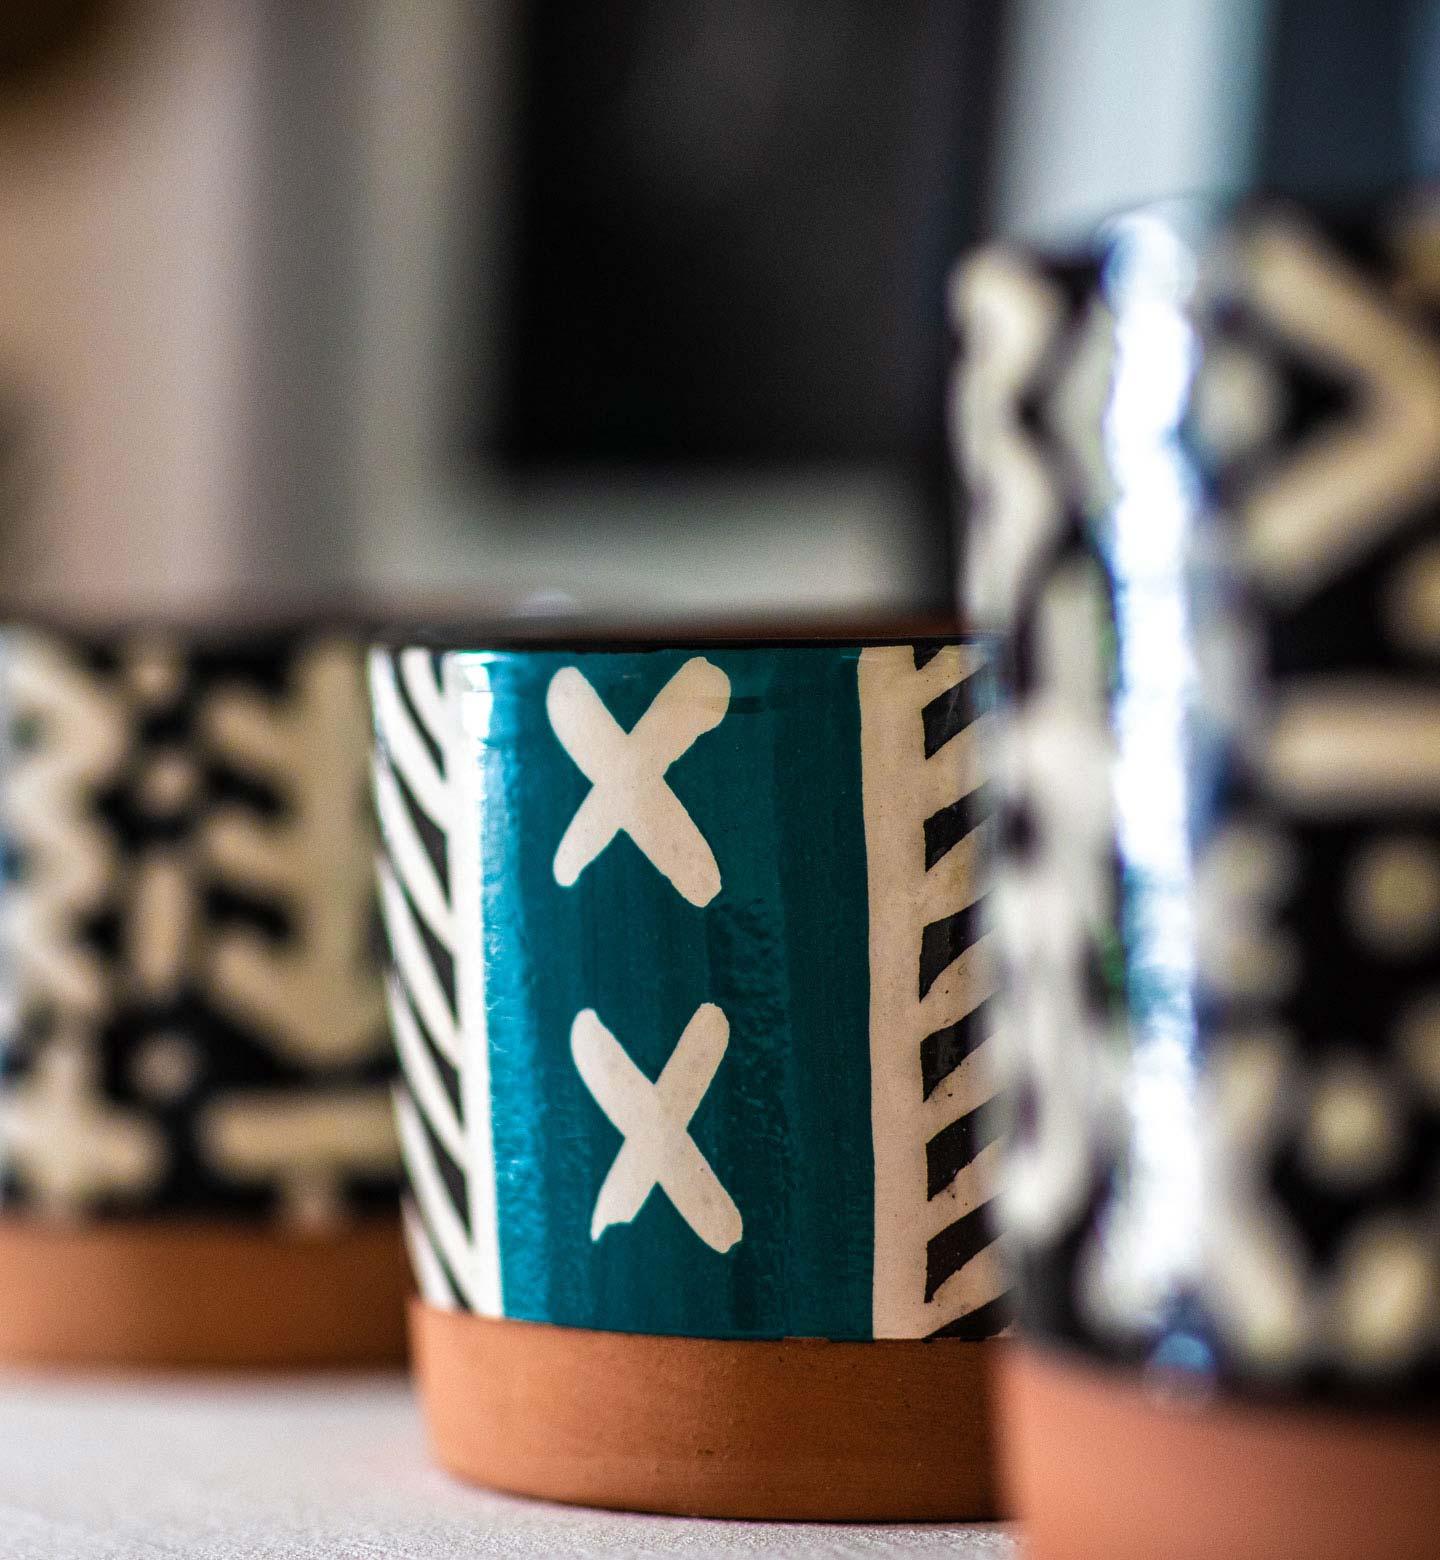 la collection qui represente la gamme zagora. des bougies conçues par le designer bouchra boudoua